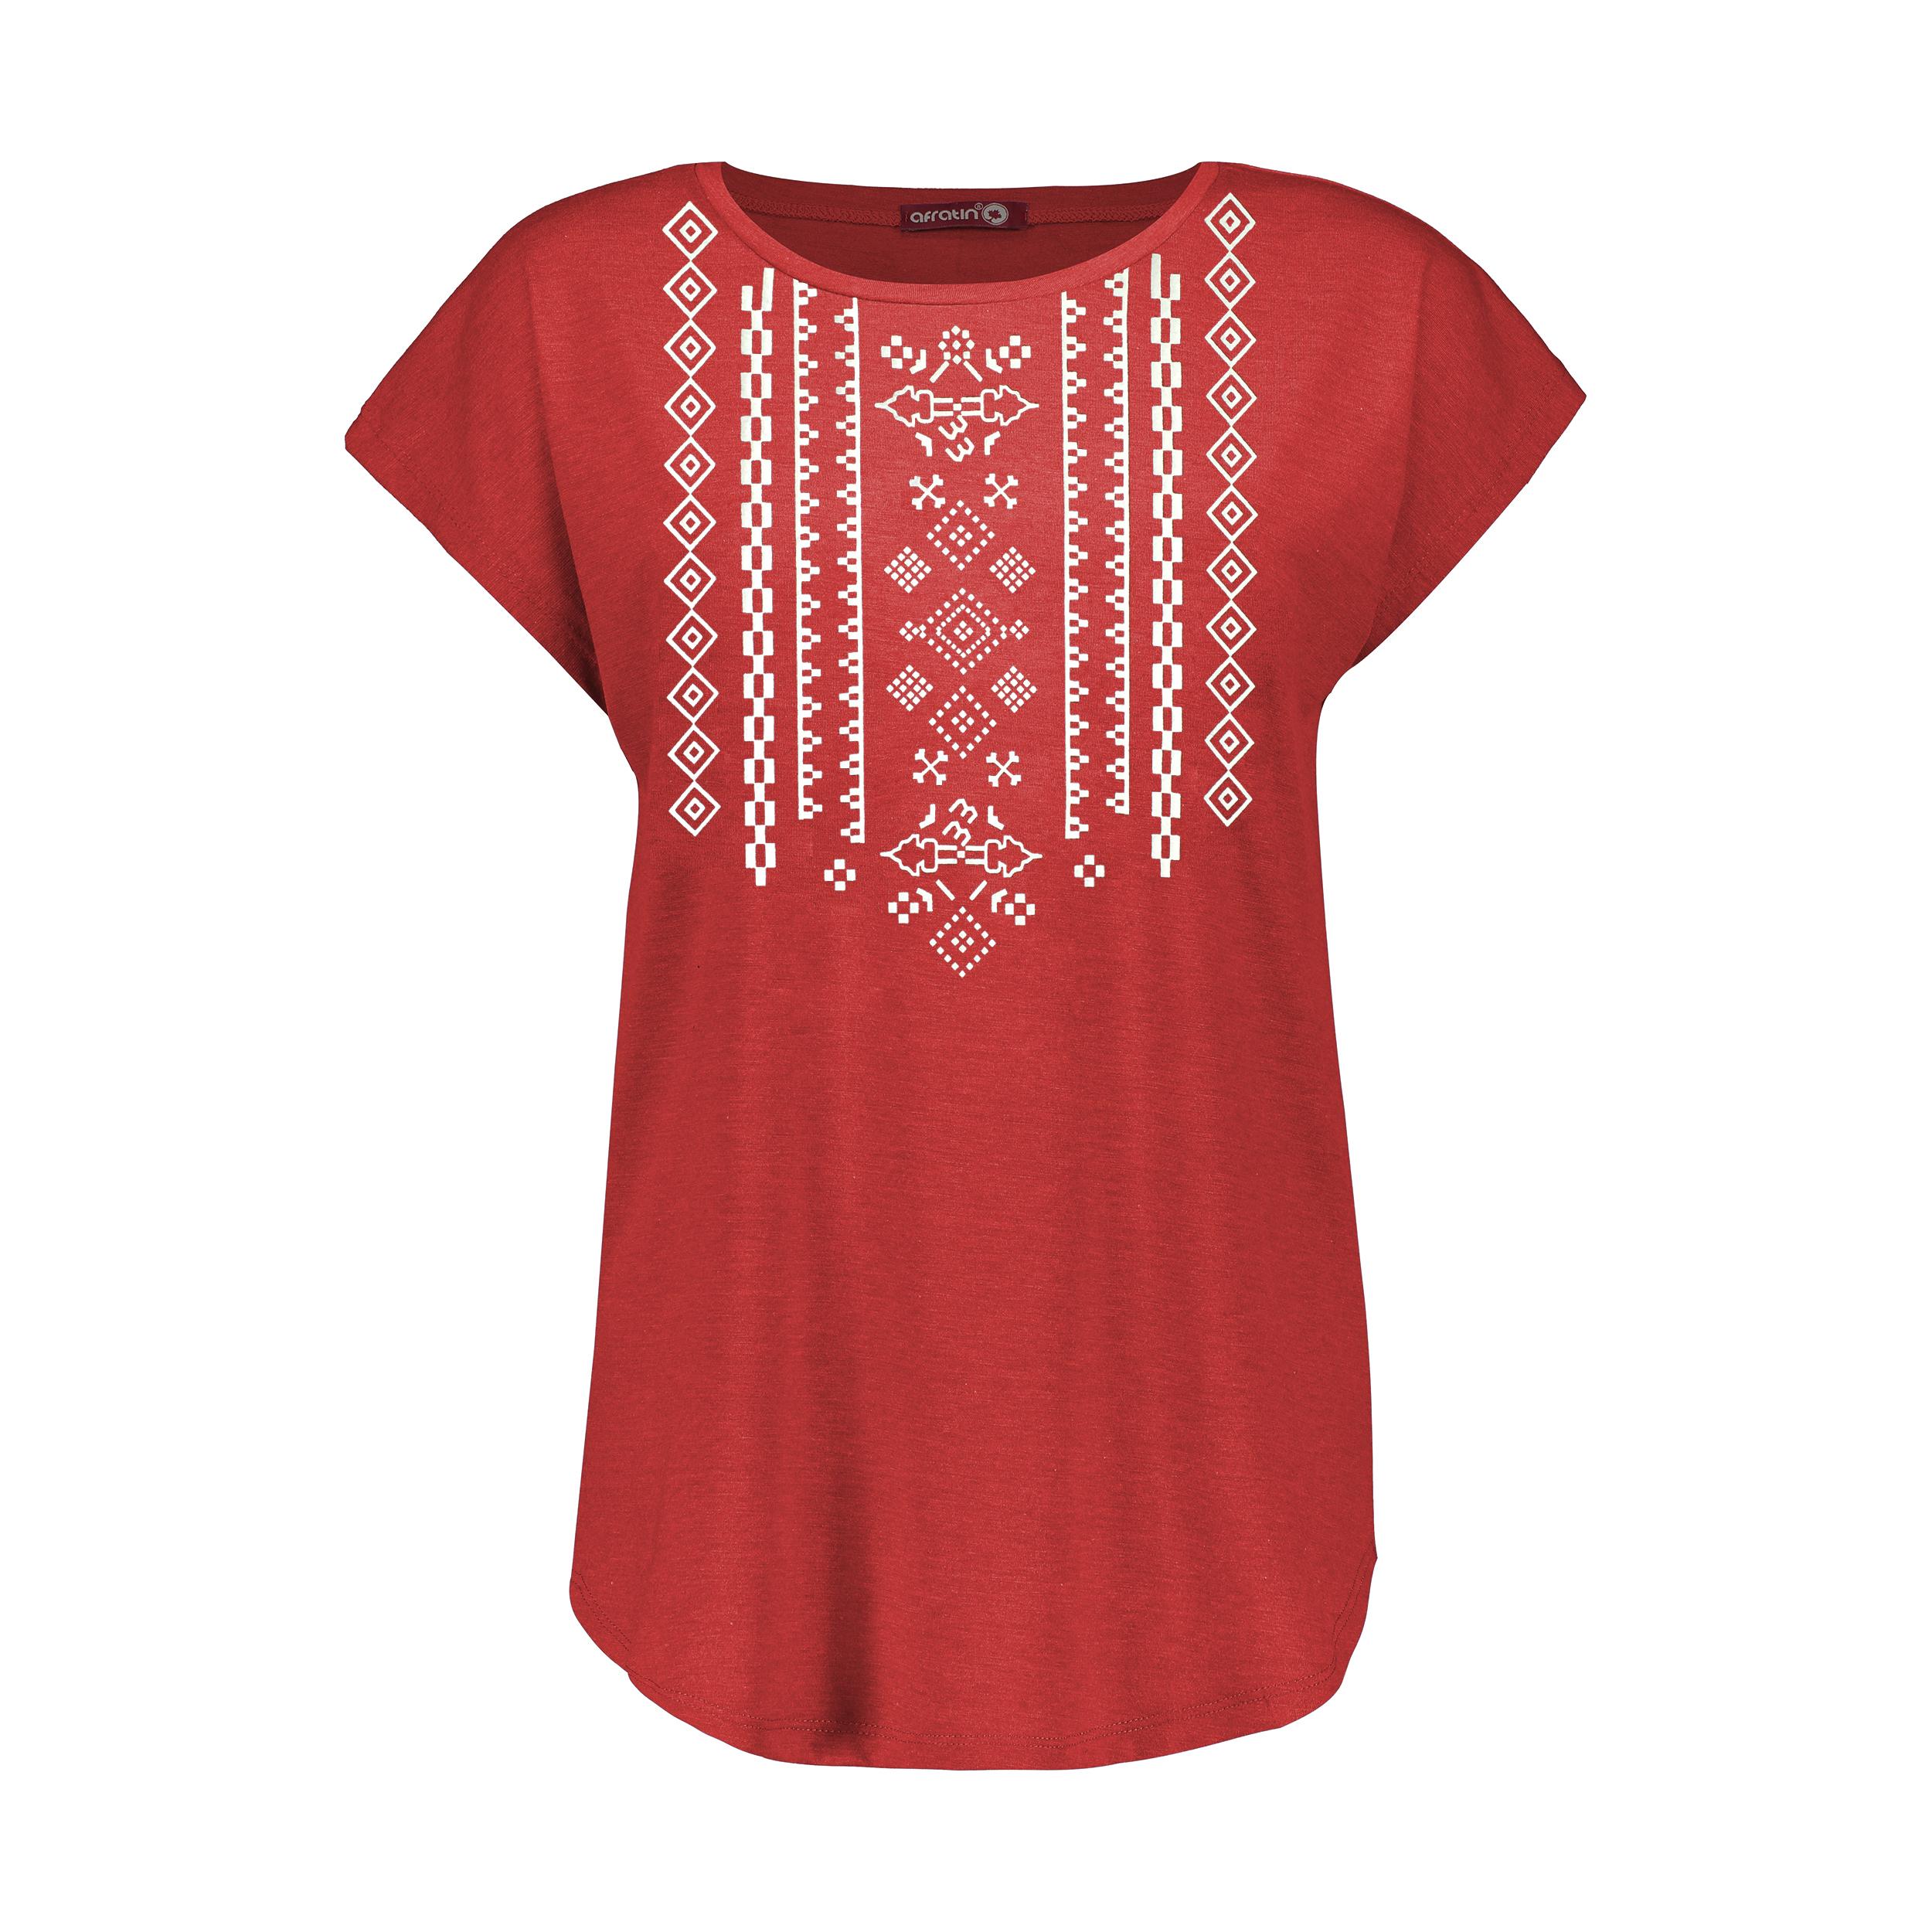 تی شرت زنانه افراتین کد 2551 رنگ قرمز